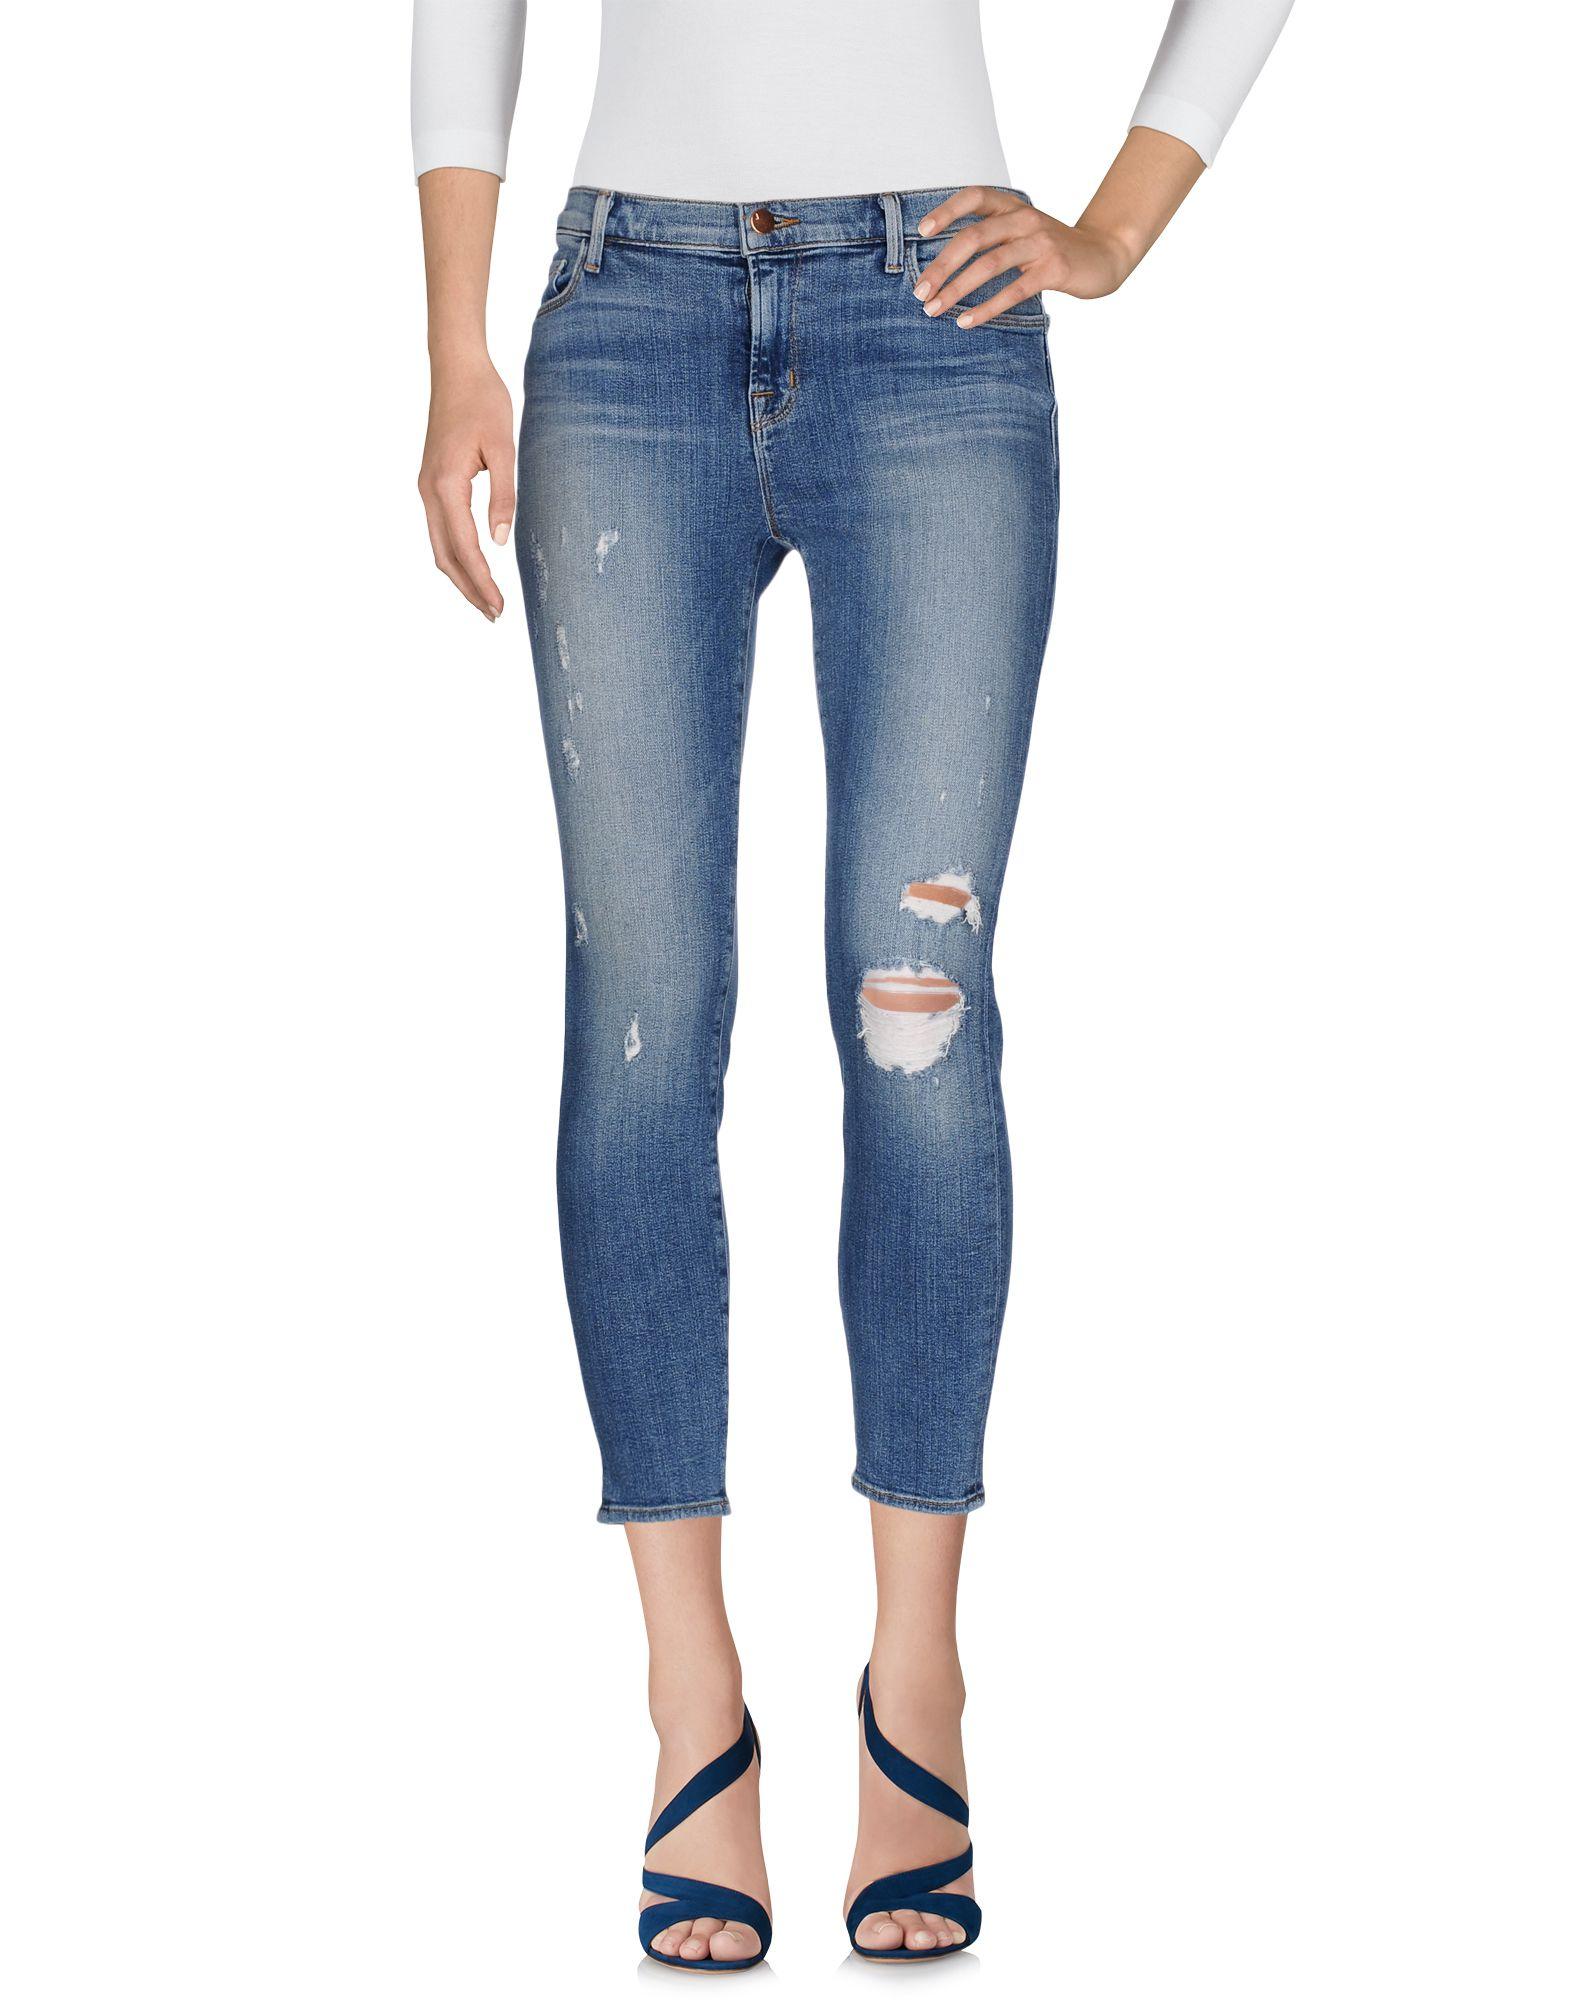 J BRAND Damen Jeanshose Farbe Blau Größe 8 jetztbilligerkaufen